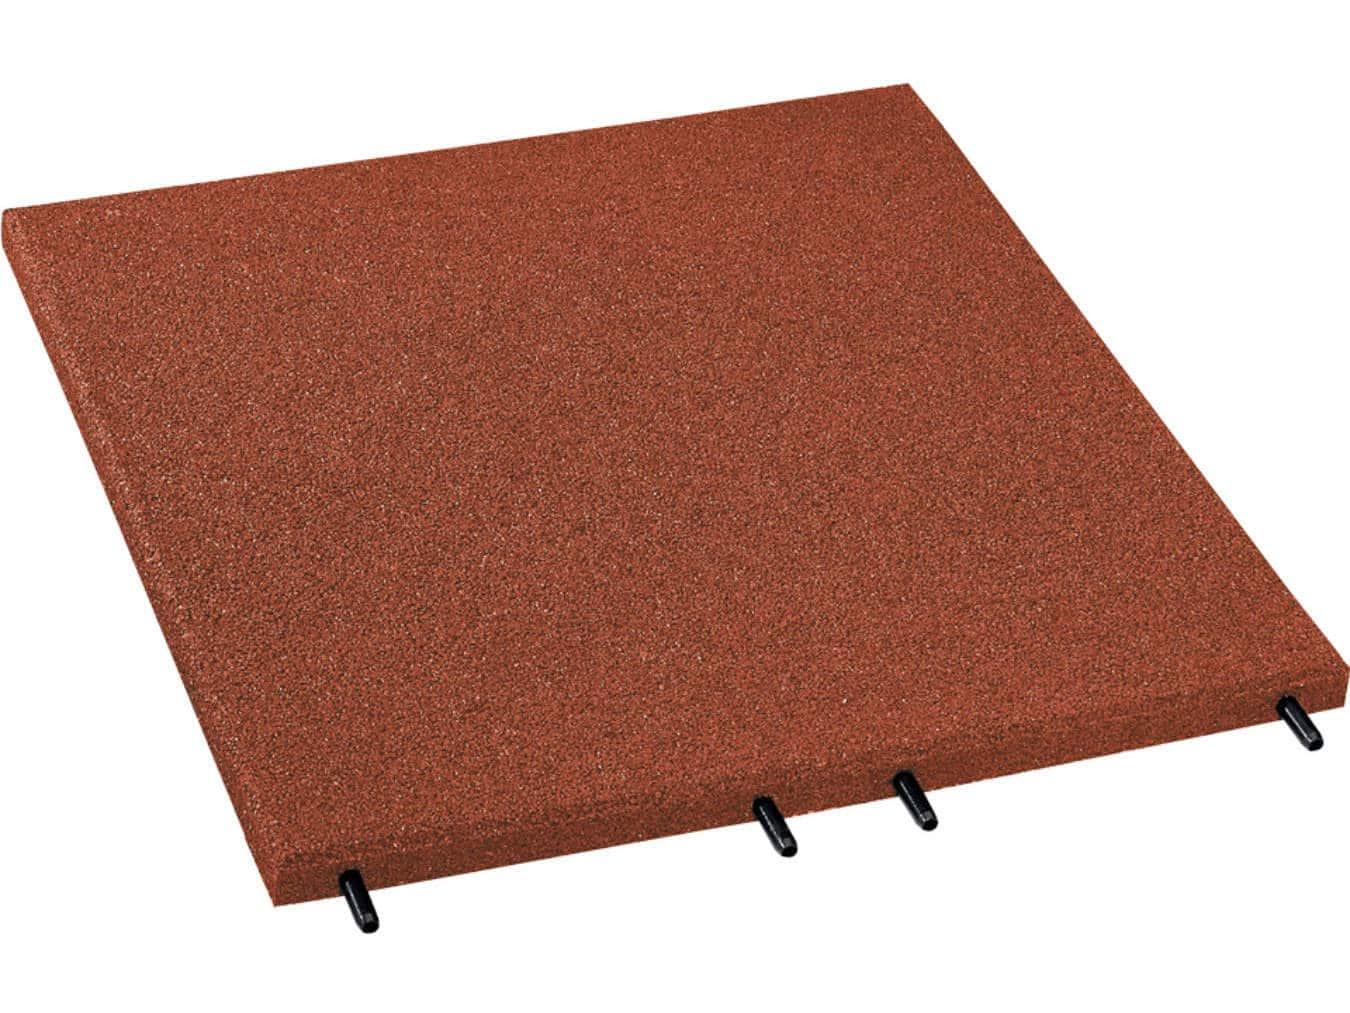 KOMFORTEX_elastikplatte_500x500mm_rot